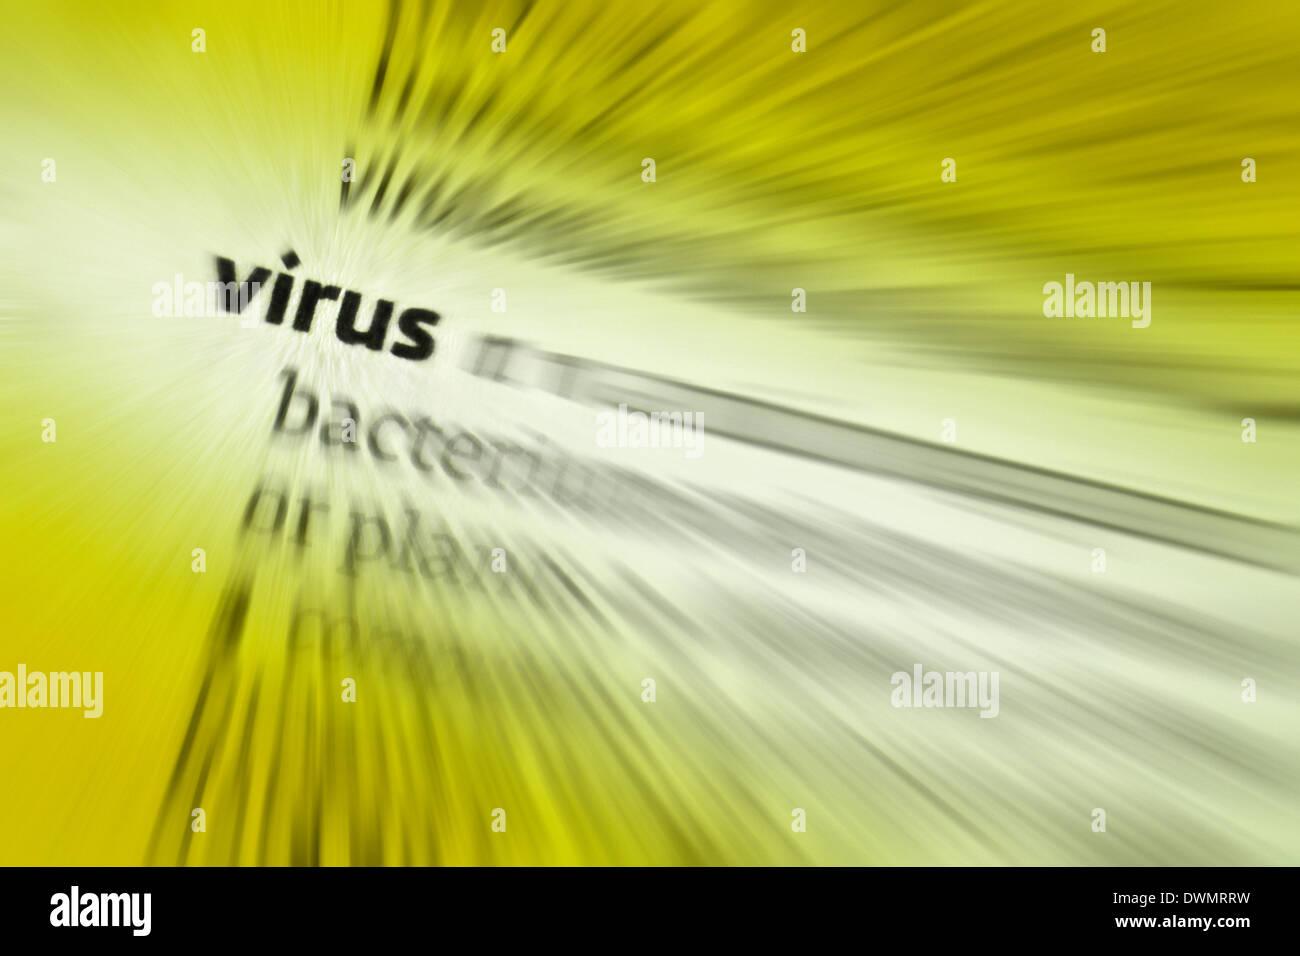 Virus Stockbild